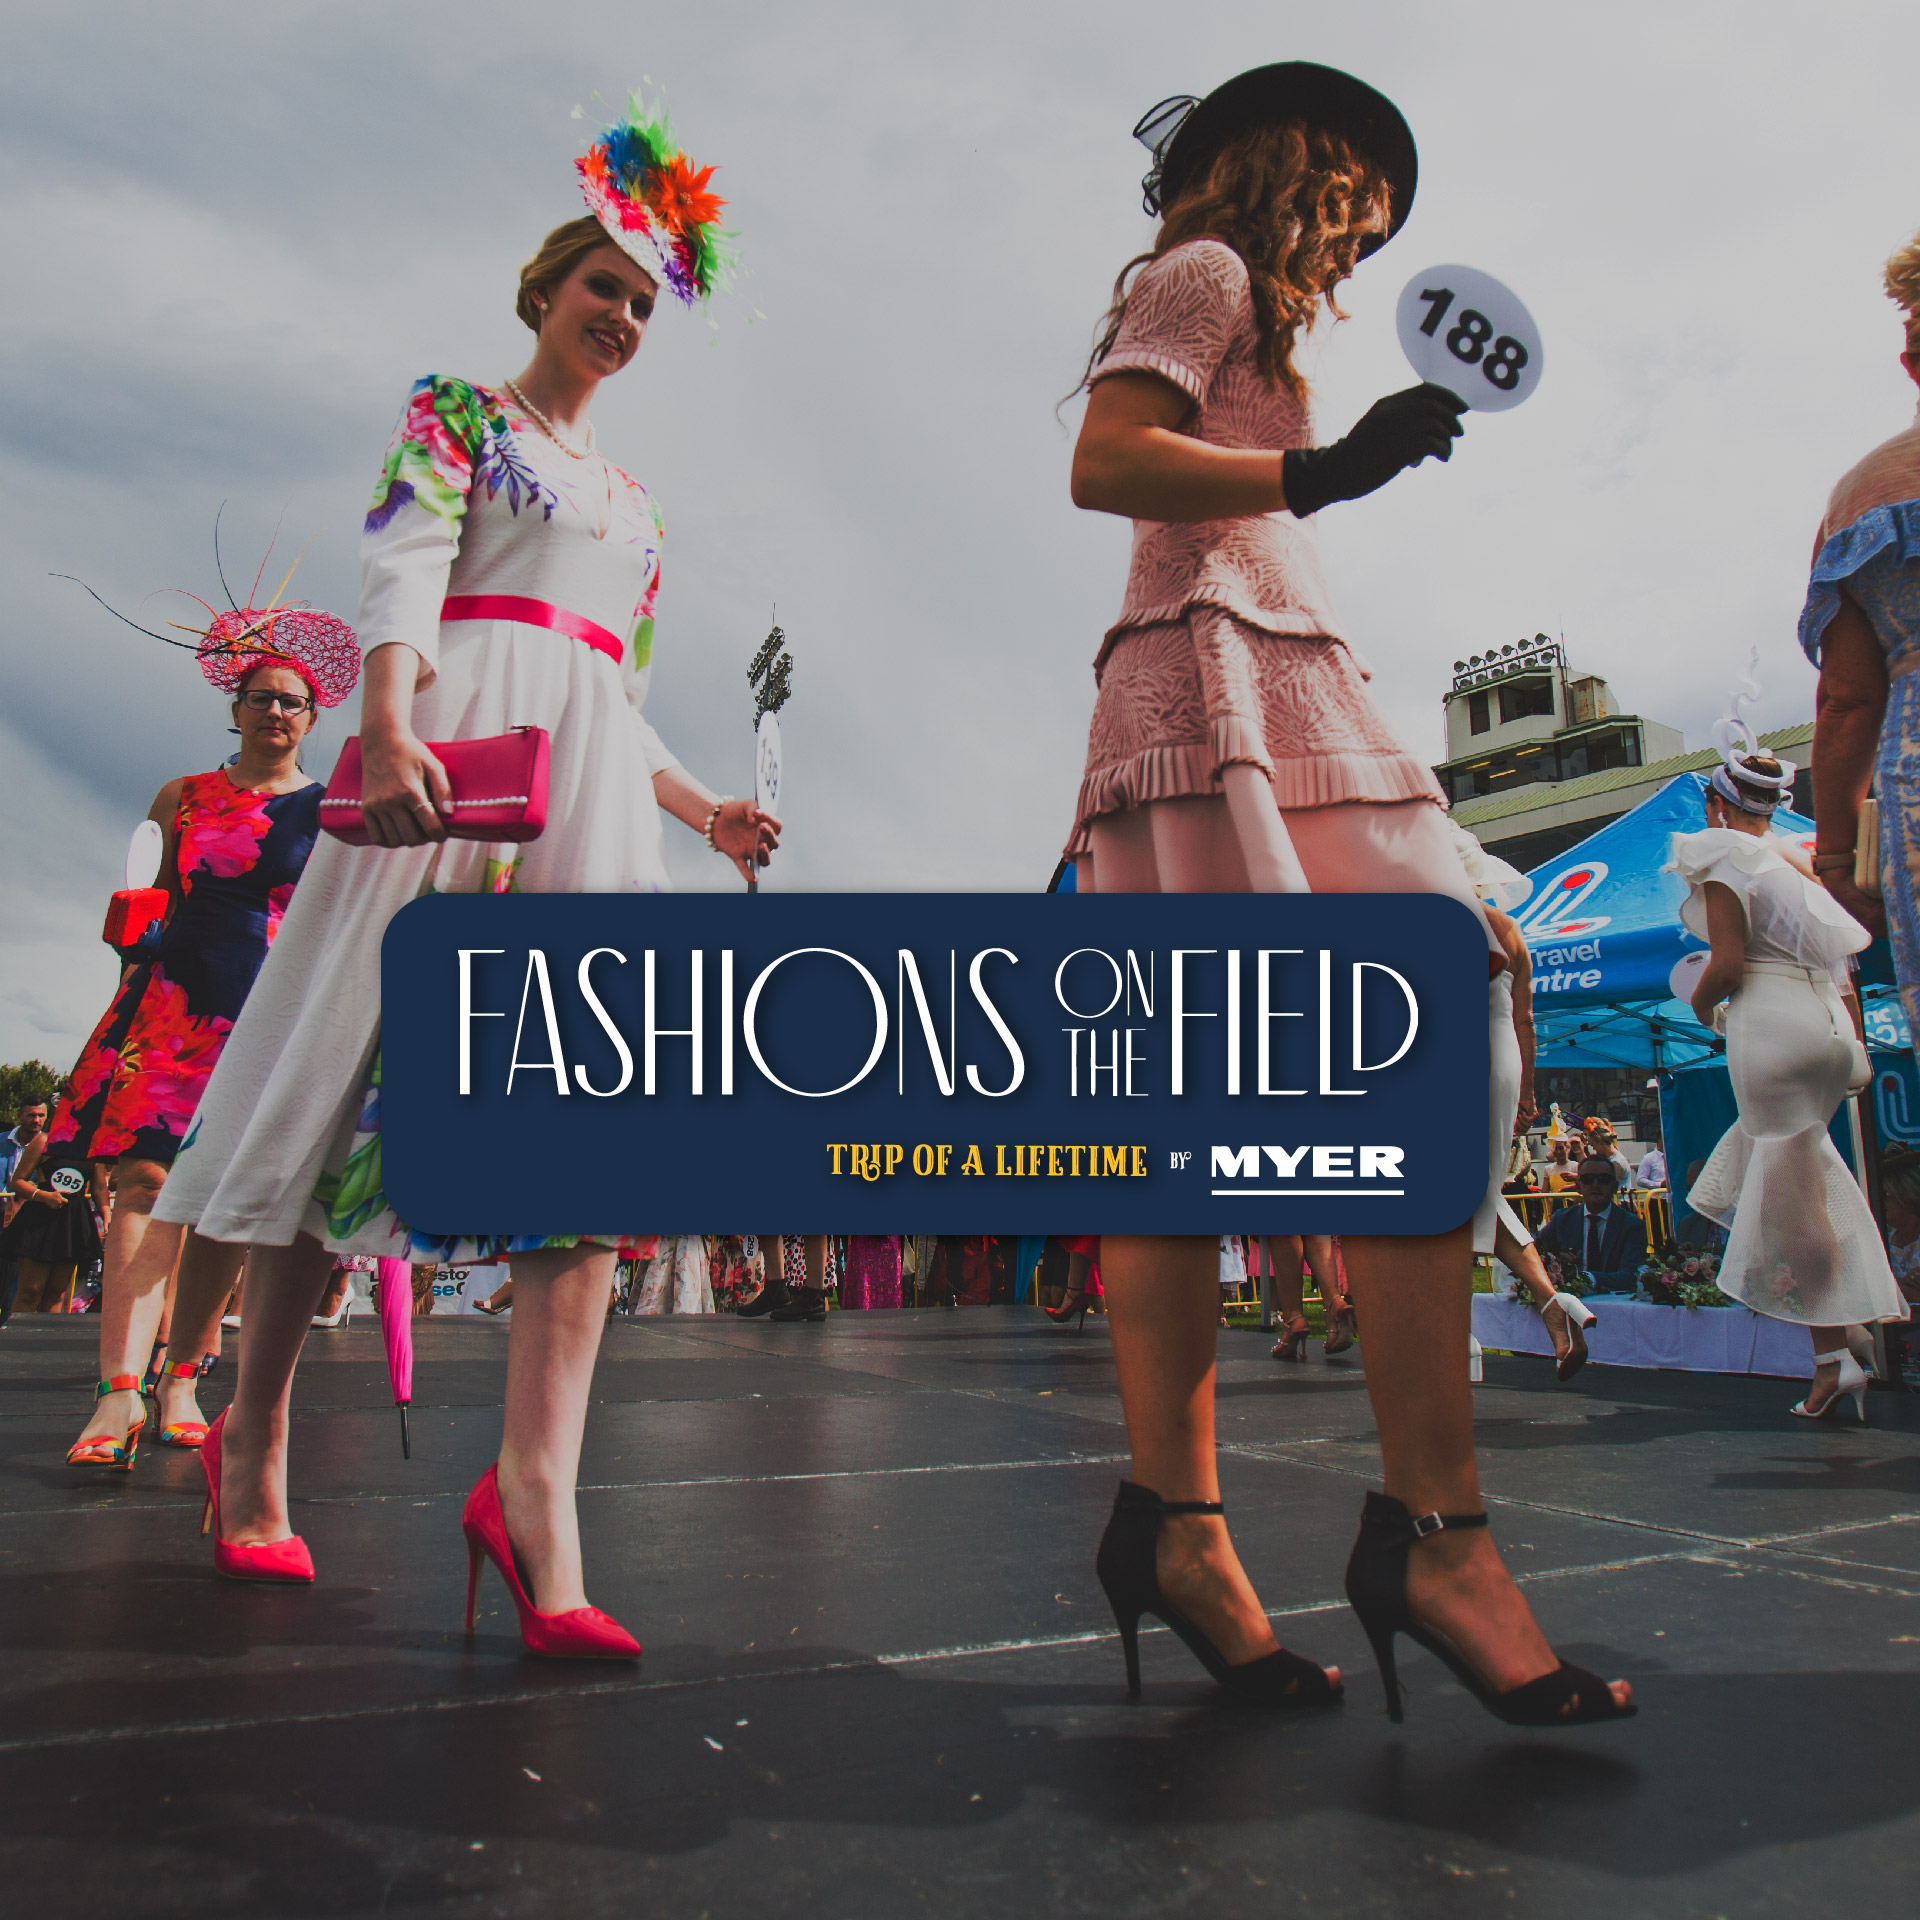 Fashions-01.jpg